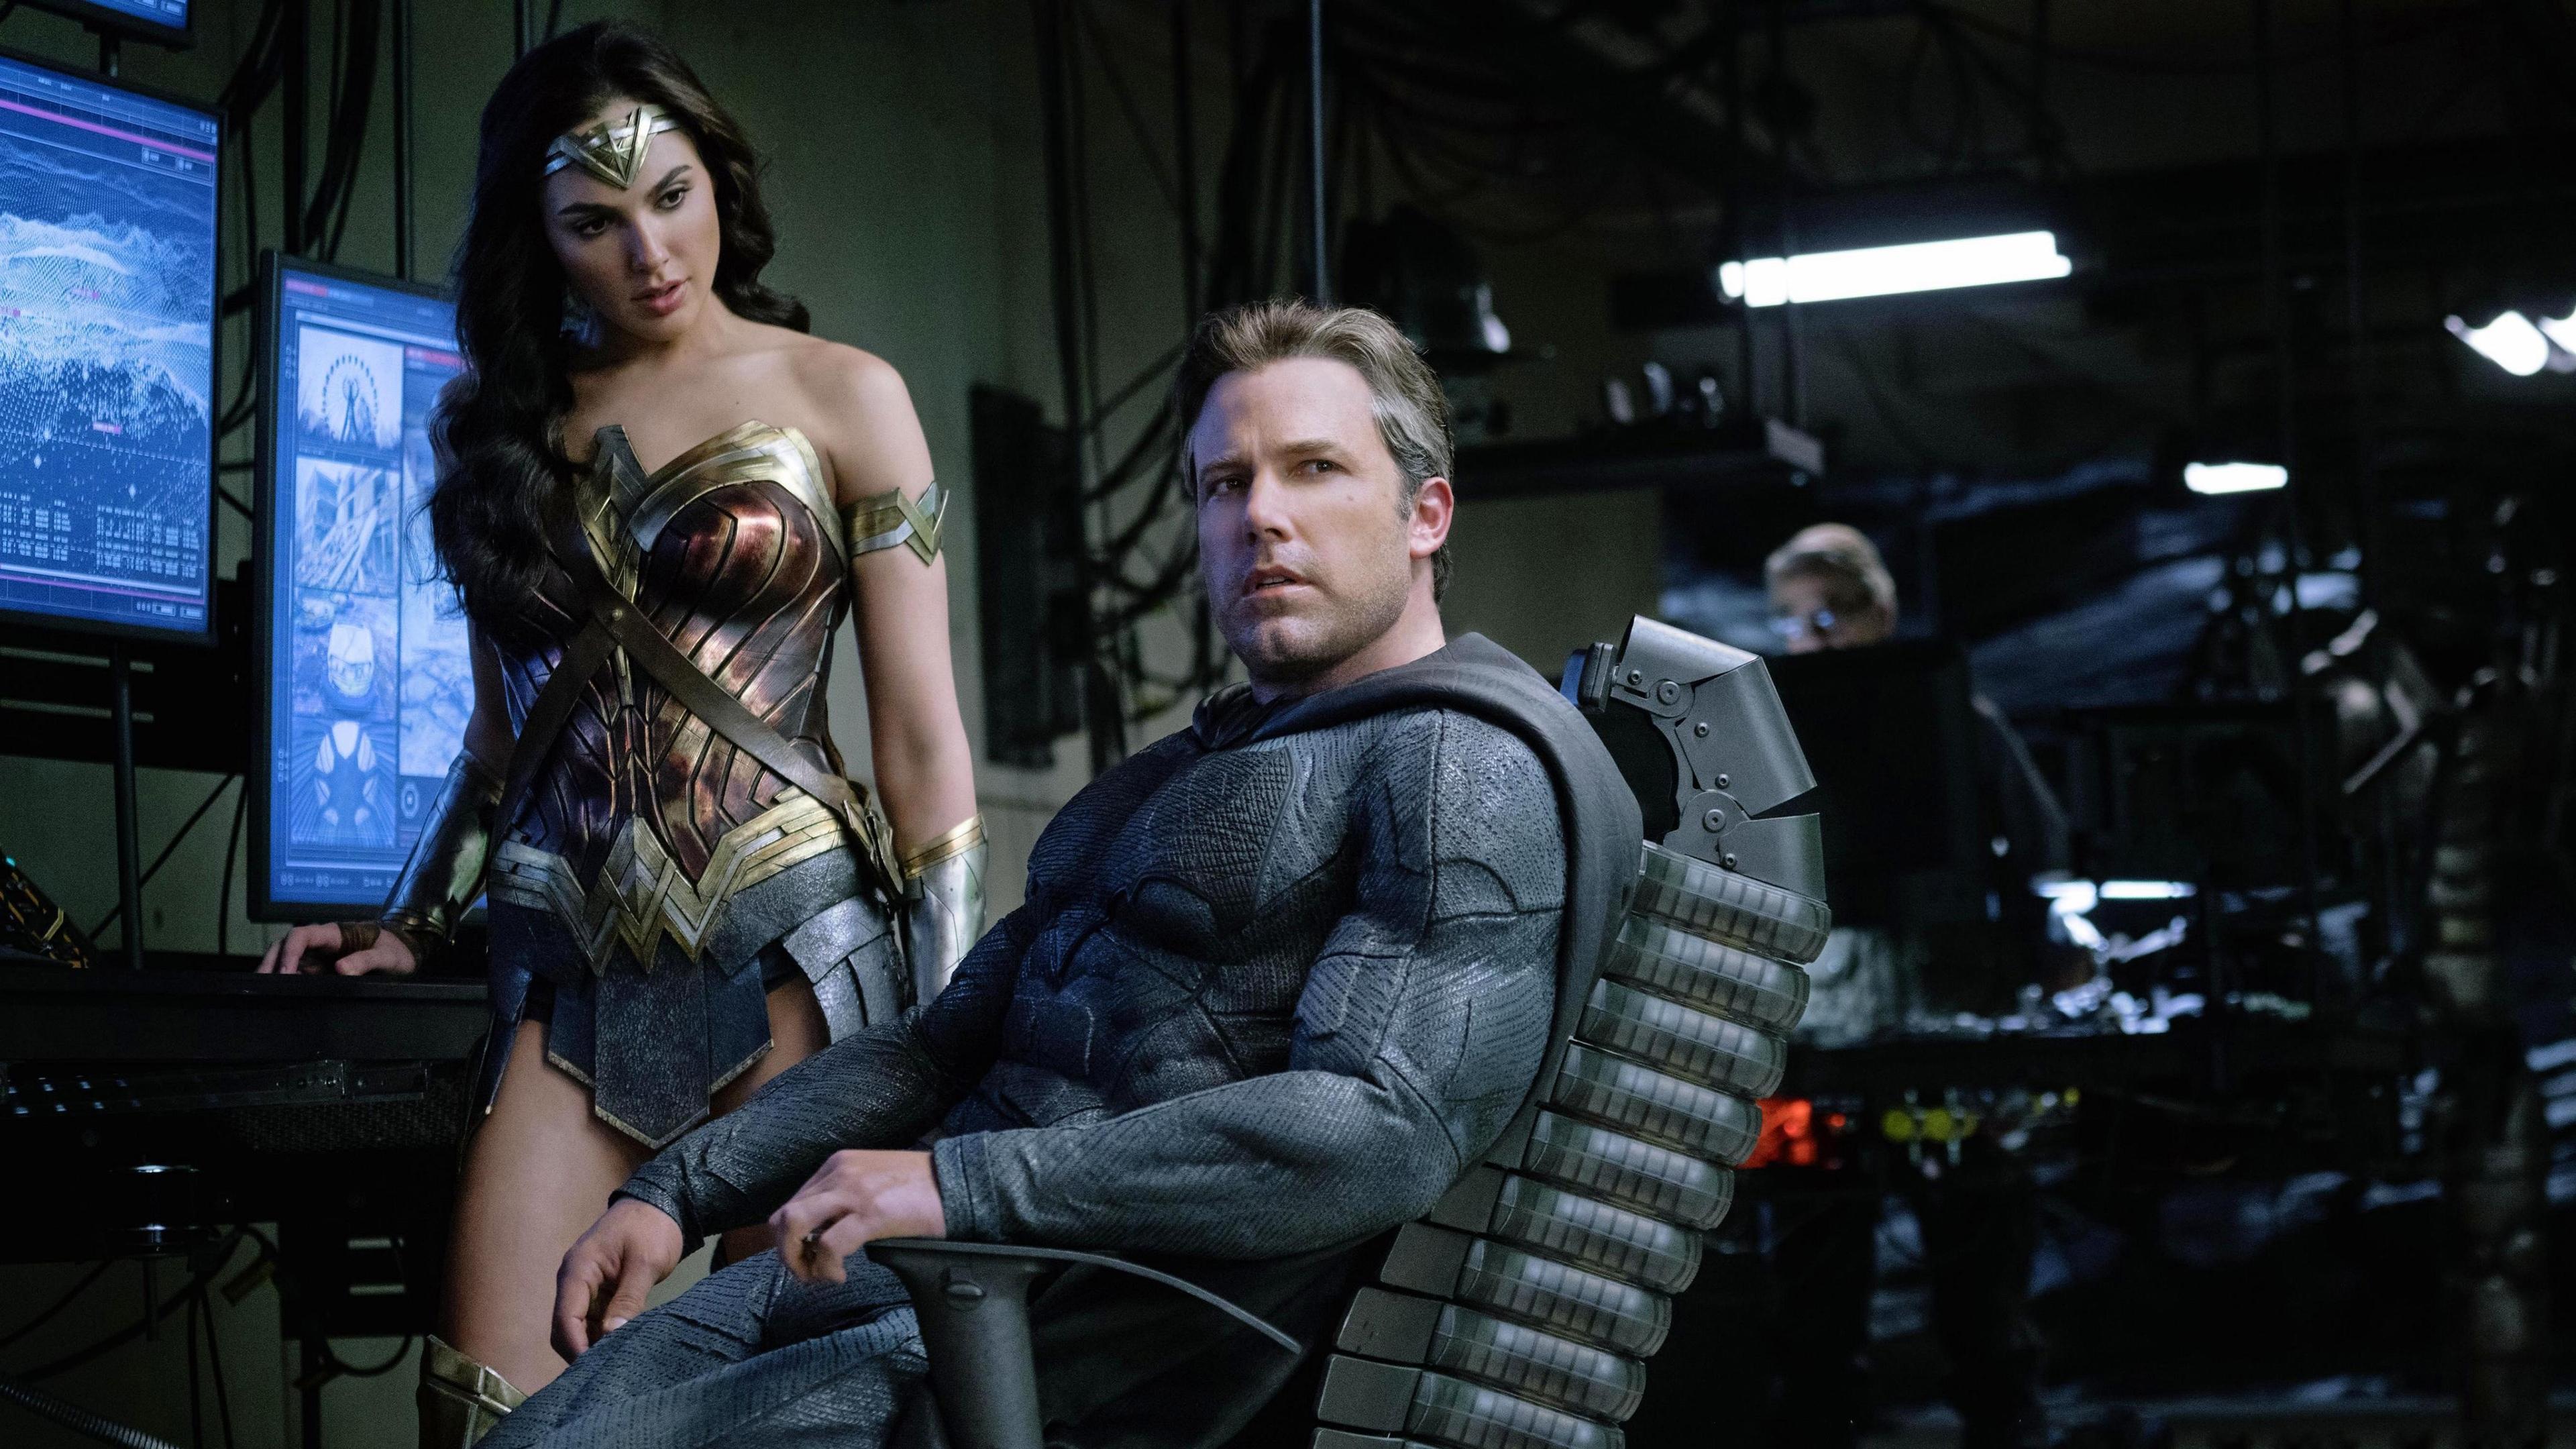 Wallpaper Dc Comics Wonder Woman Justice League Justice League